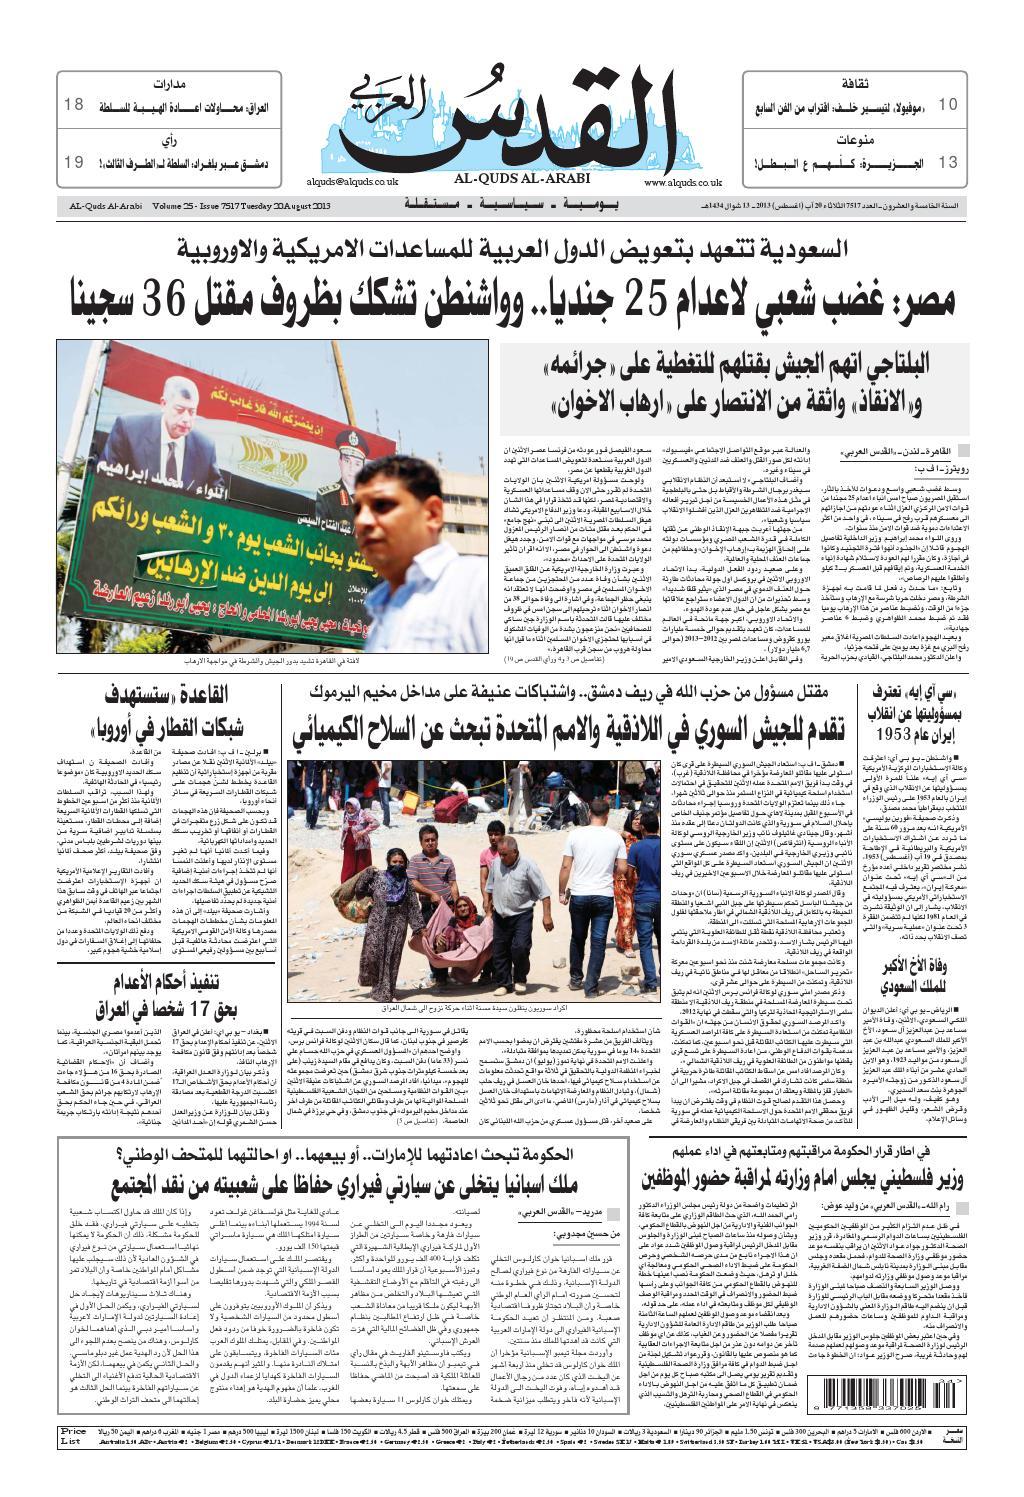 e9f5e89aa صحيفة القدس العربي , الثلاثاء 20.08.2013 by مركز الحدث - issuu